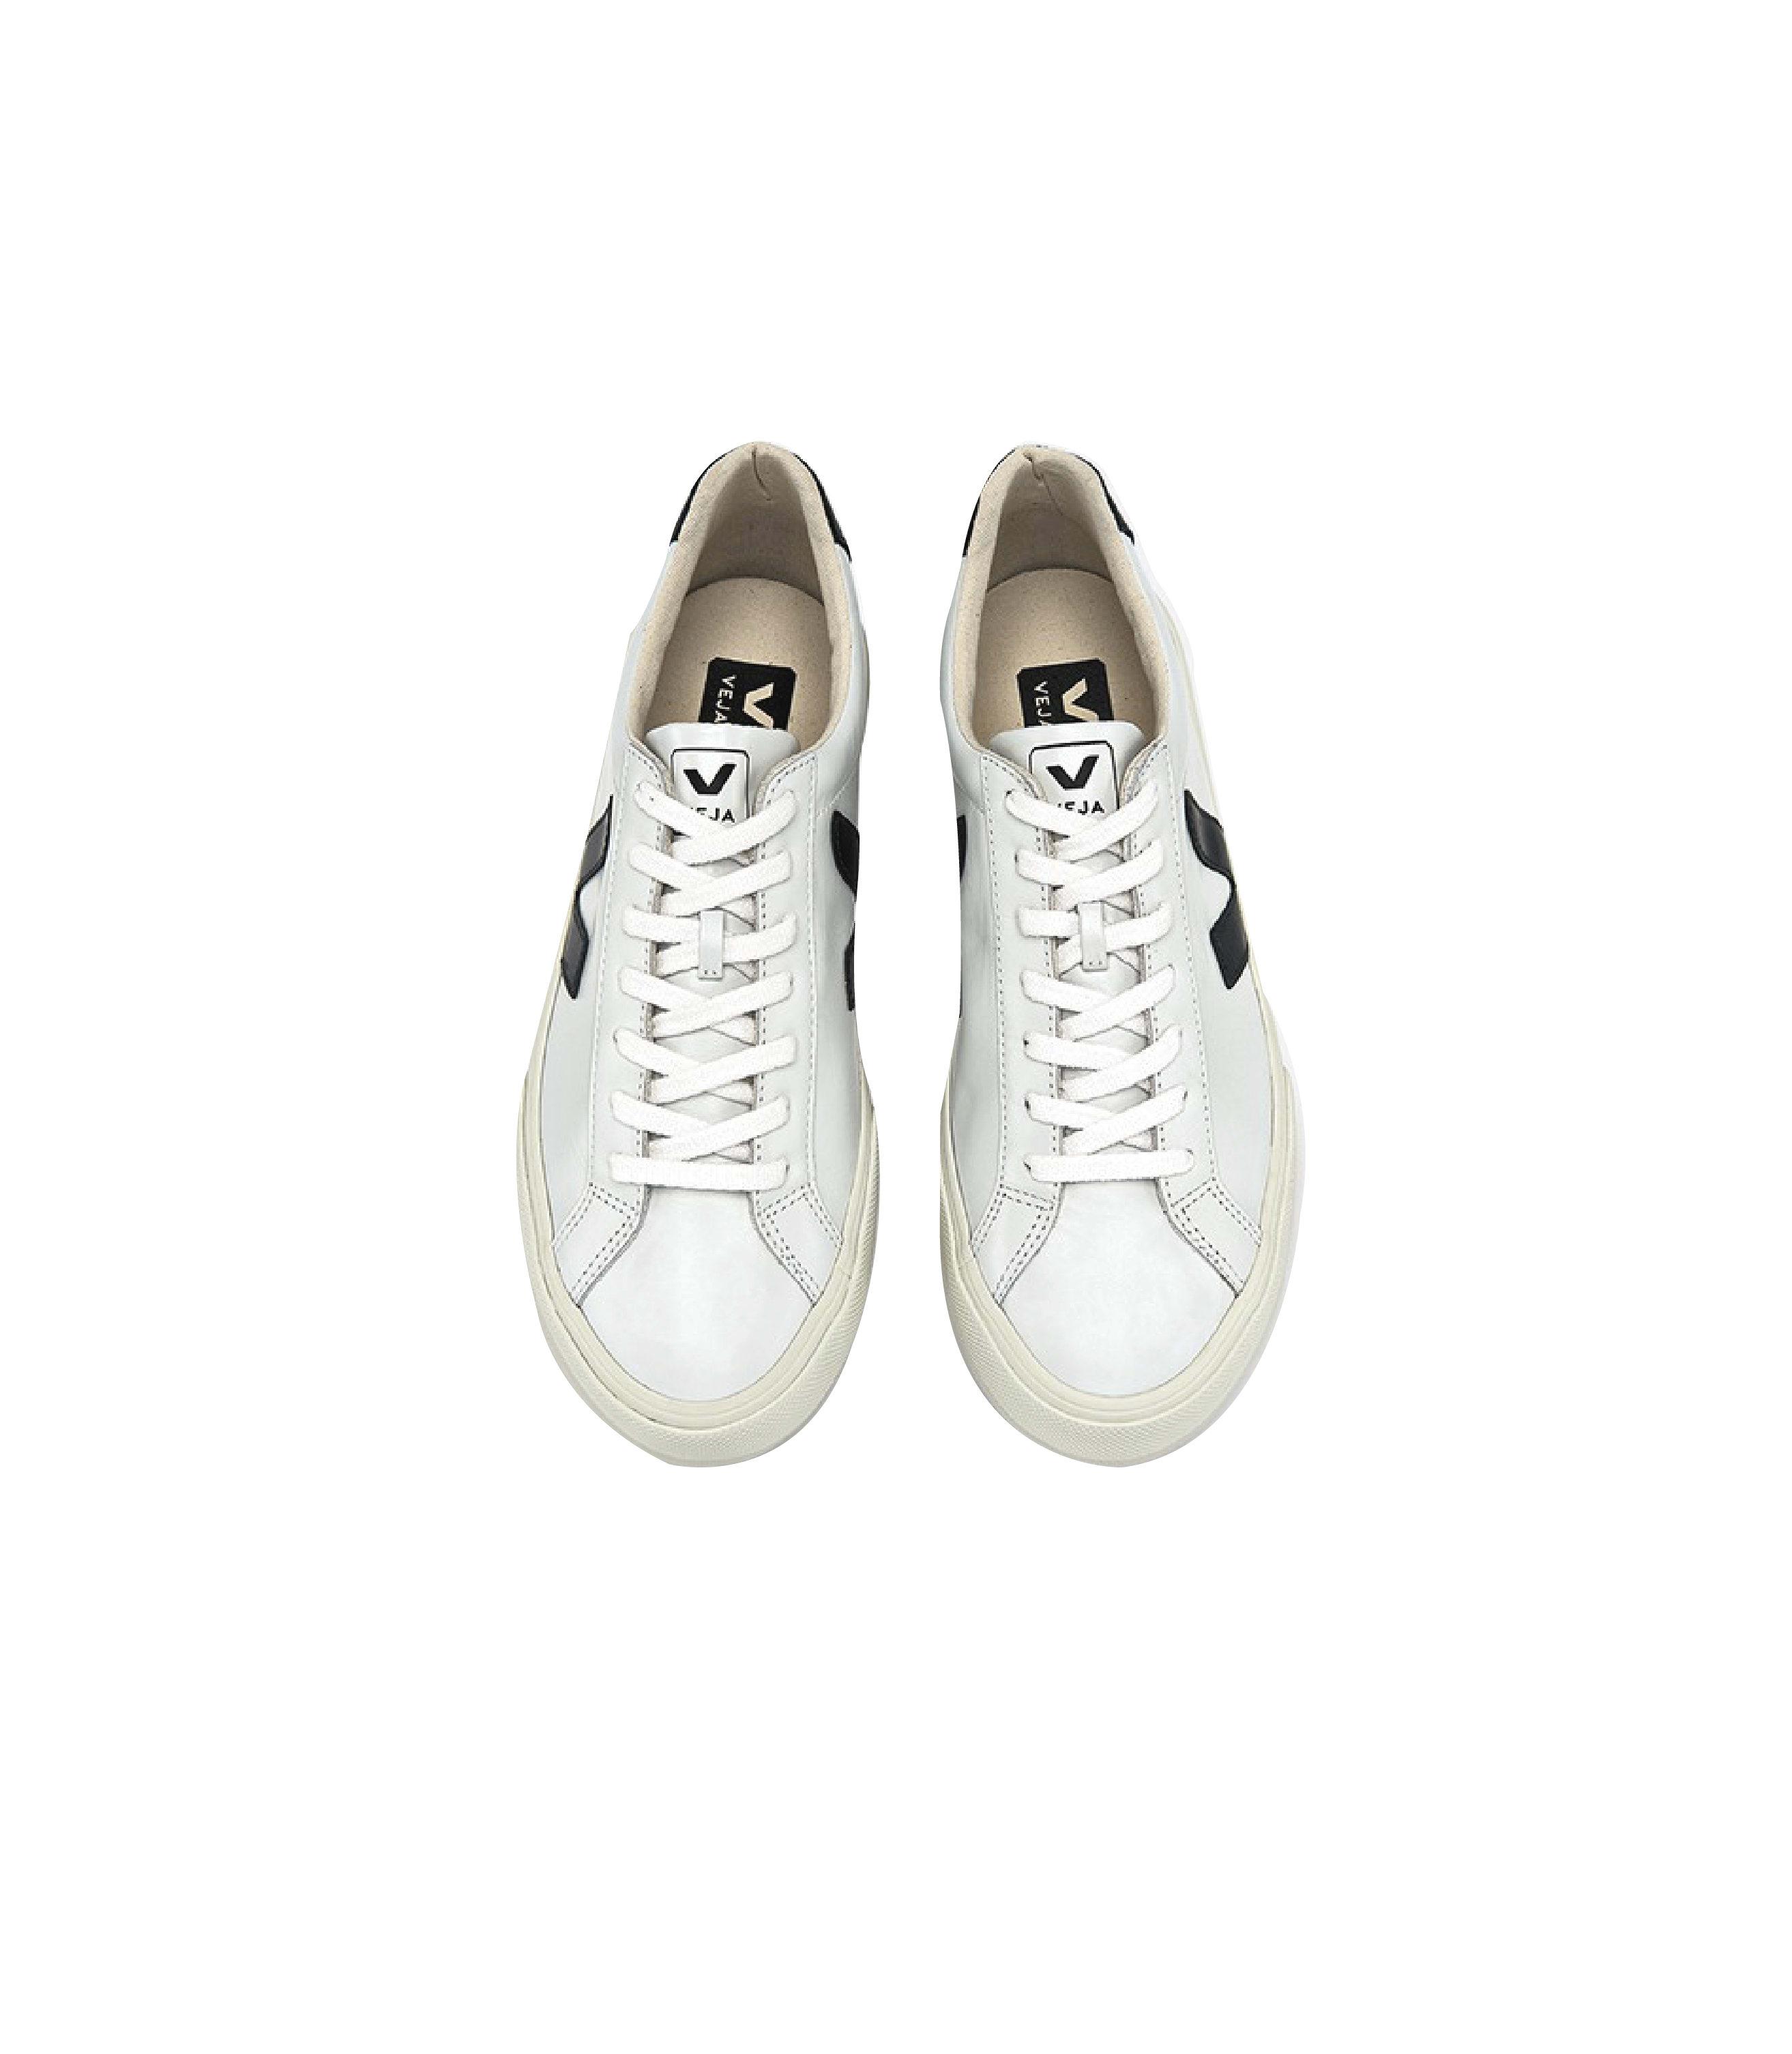 Veja White Black Esplar Leather Sneakers